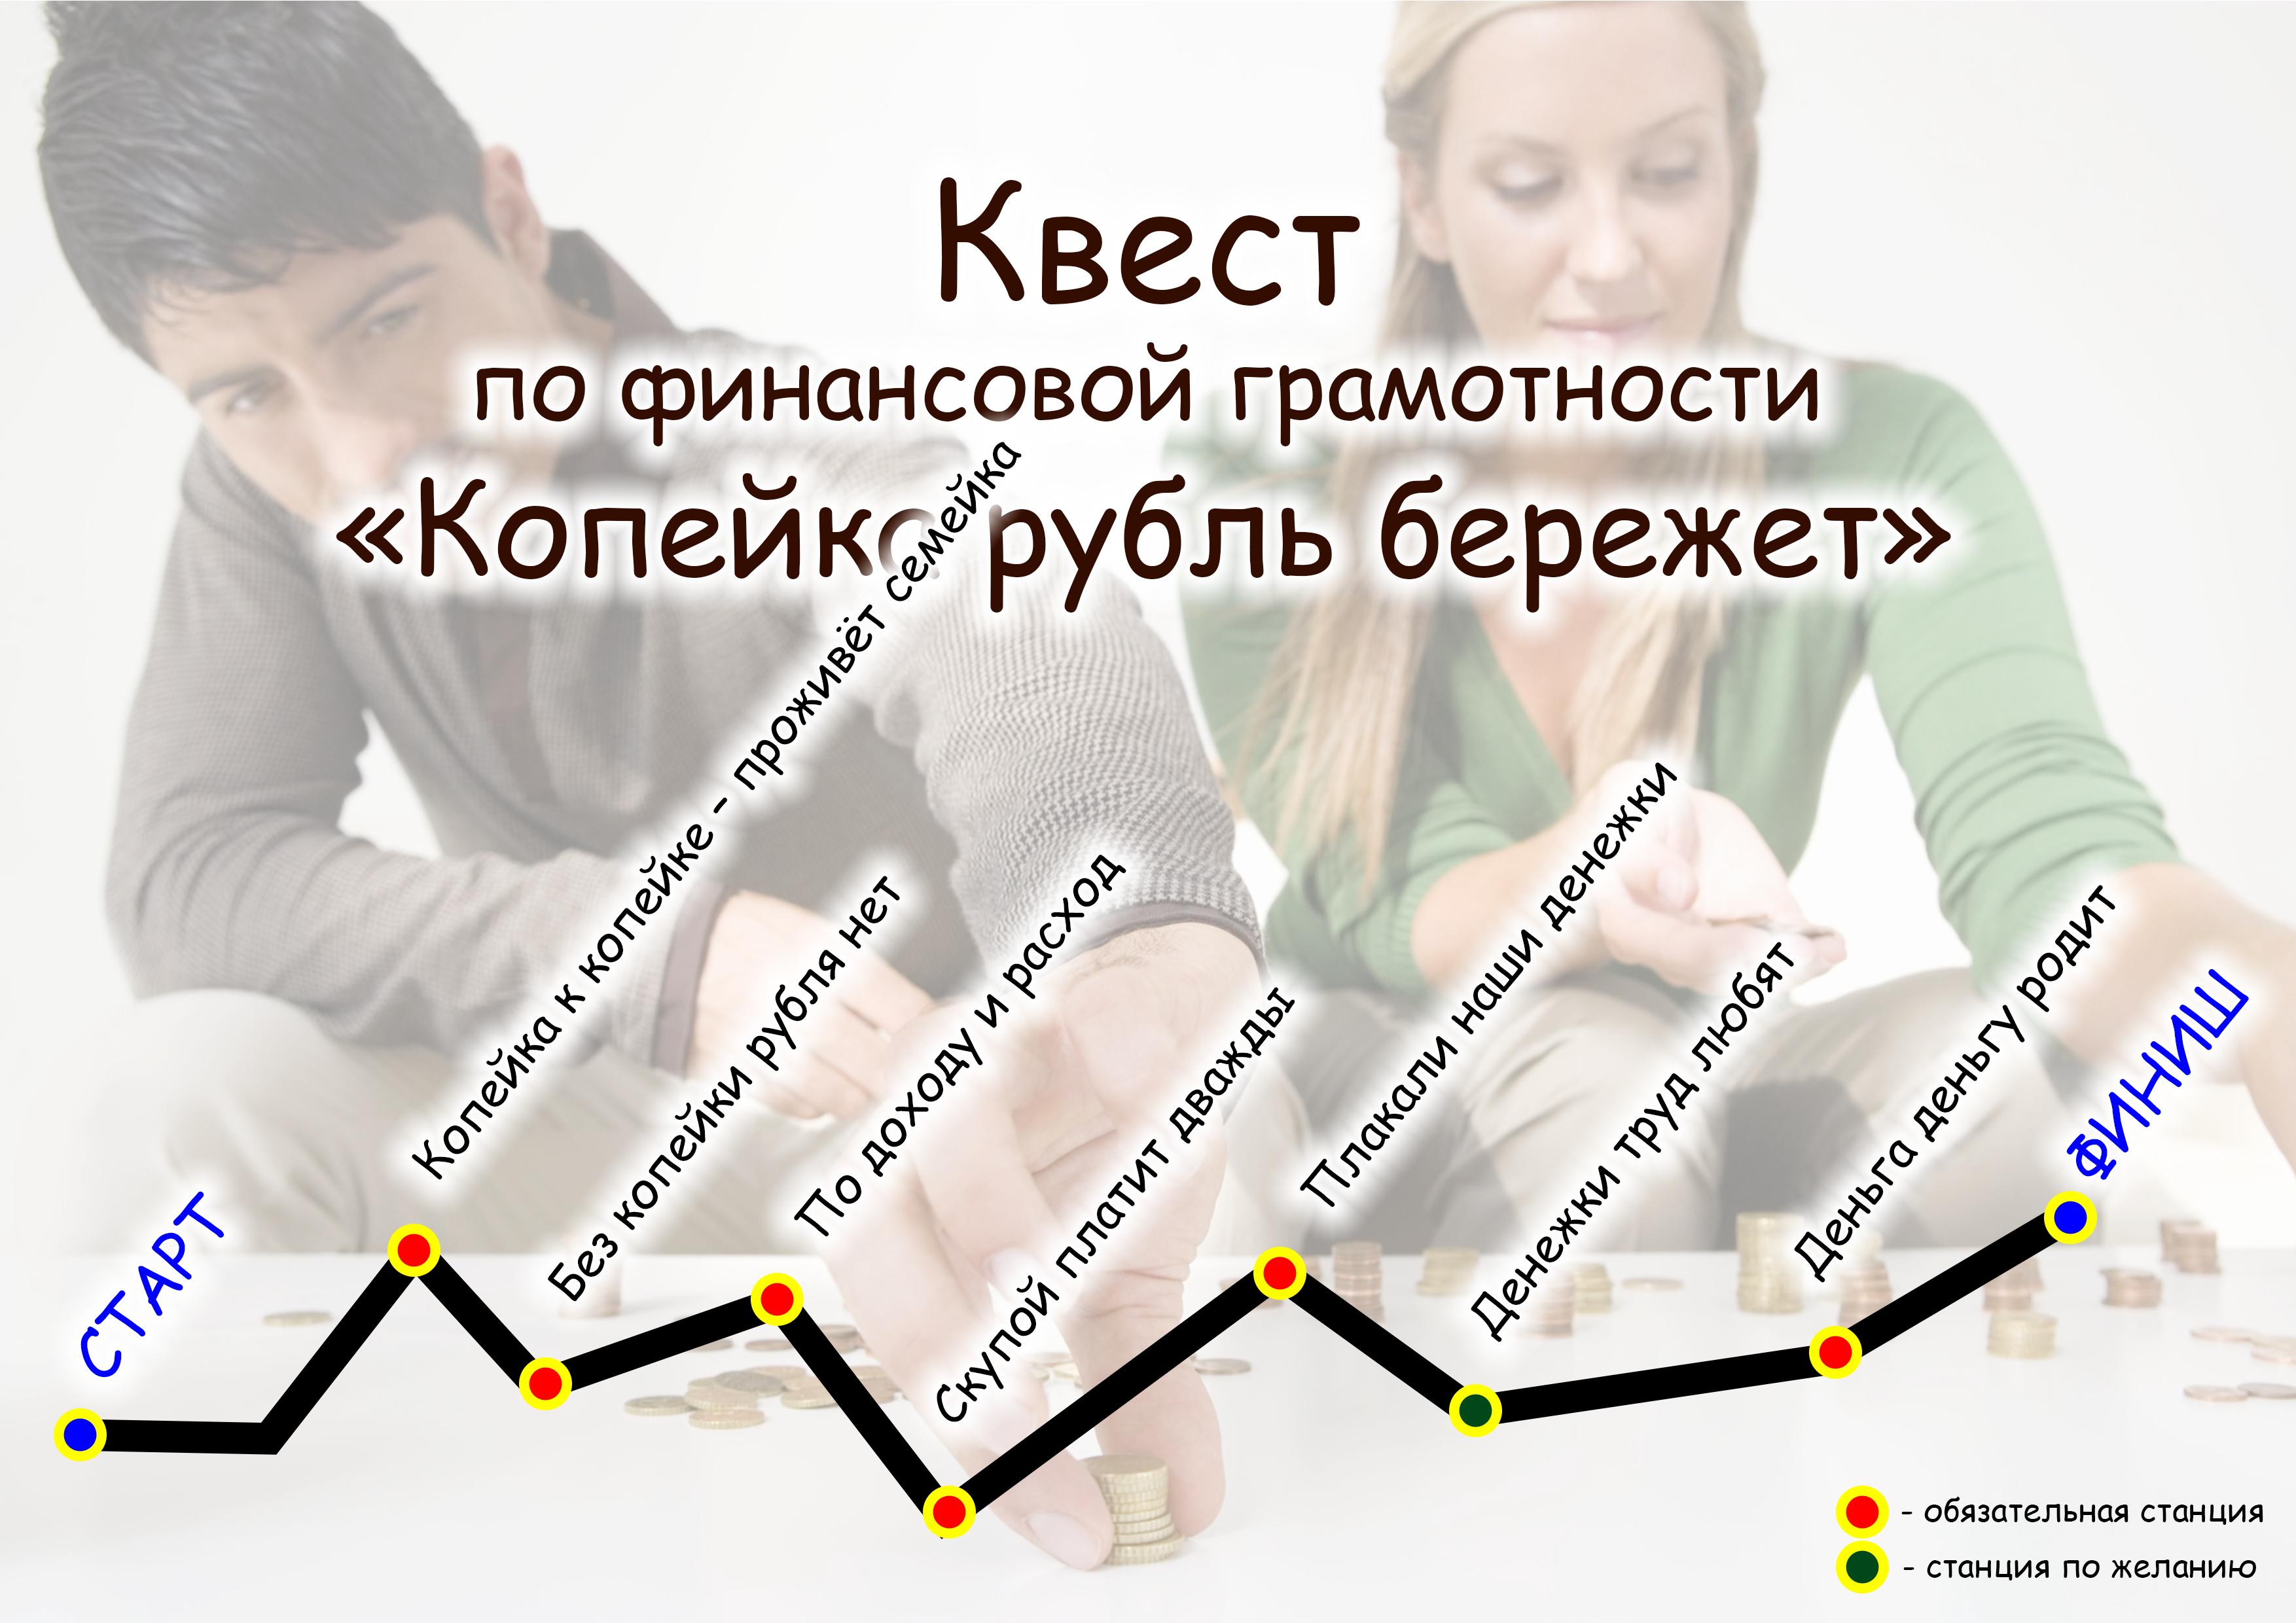 втб банк кредит ипотека калькулятор